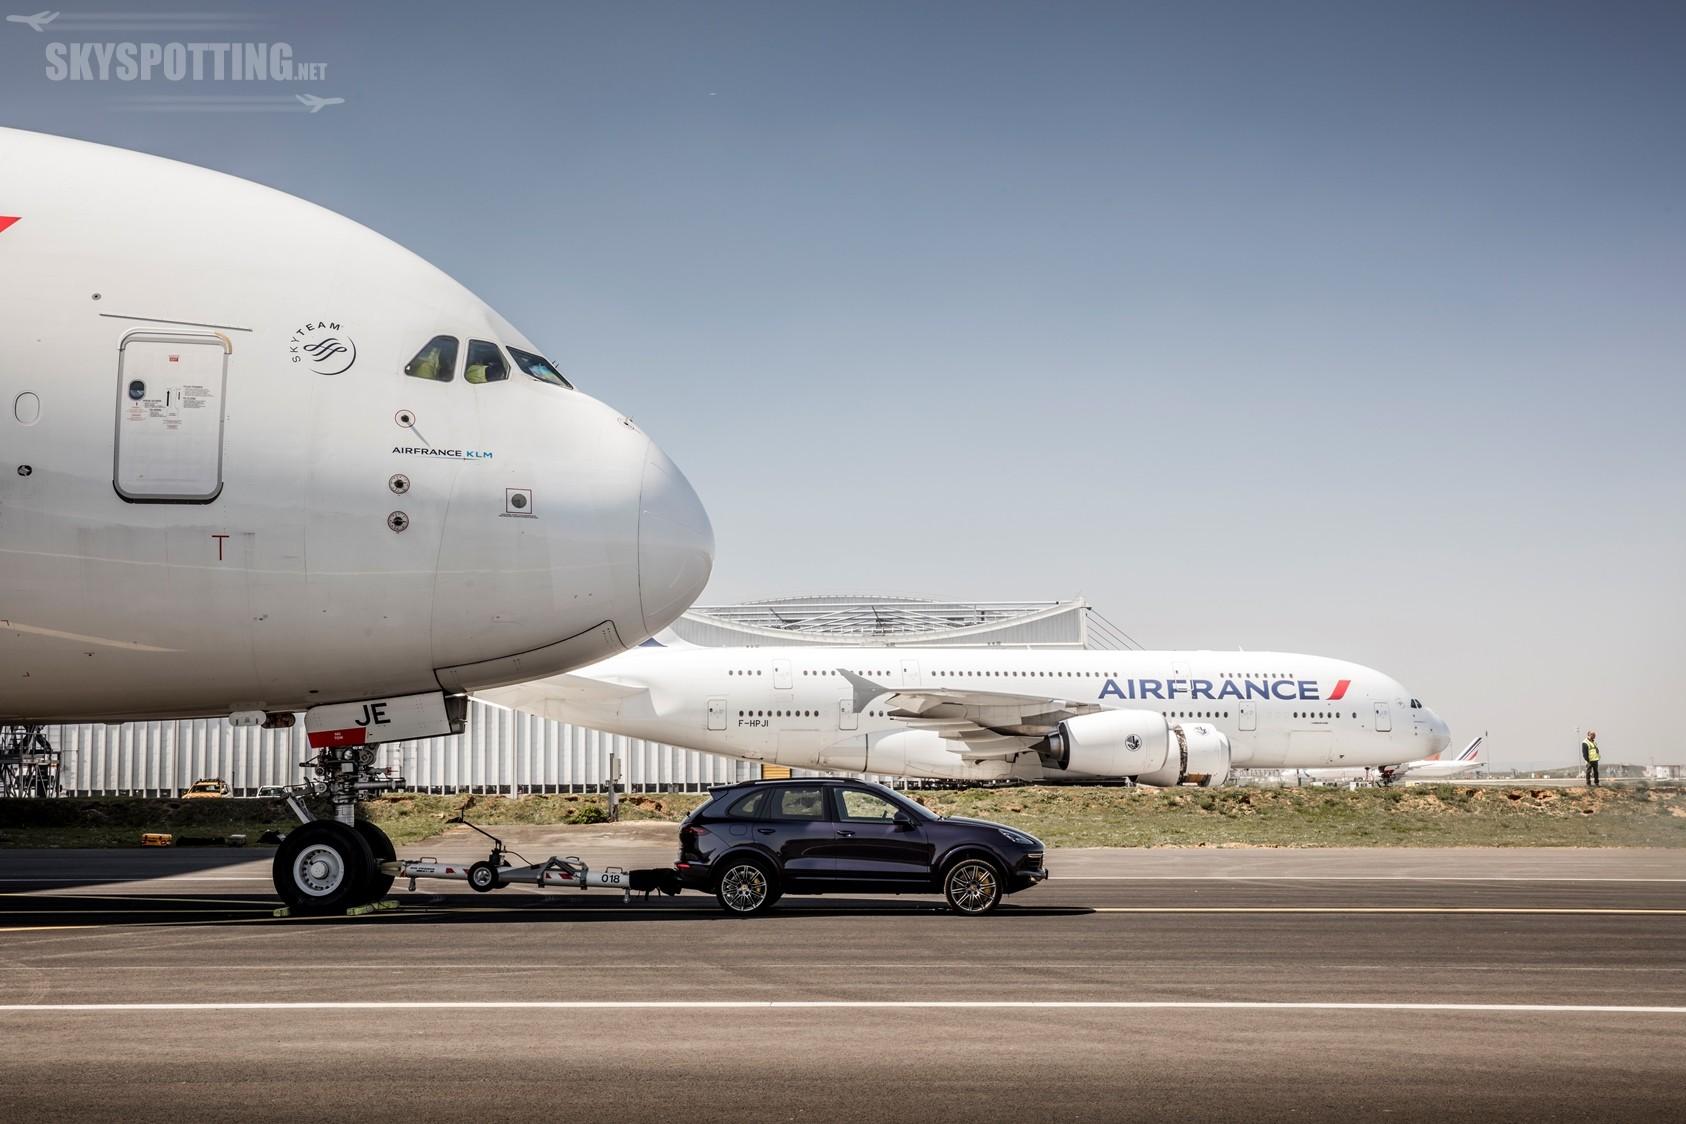 Air France wspólnie z Porsche ustanawiają nowy rekord Guinness'a